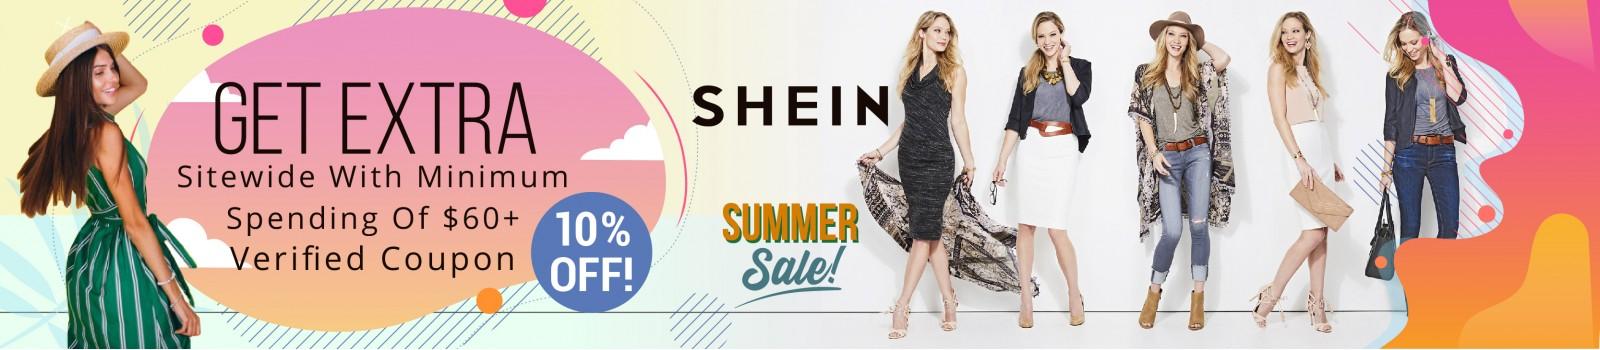 shein-coupon